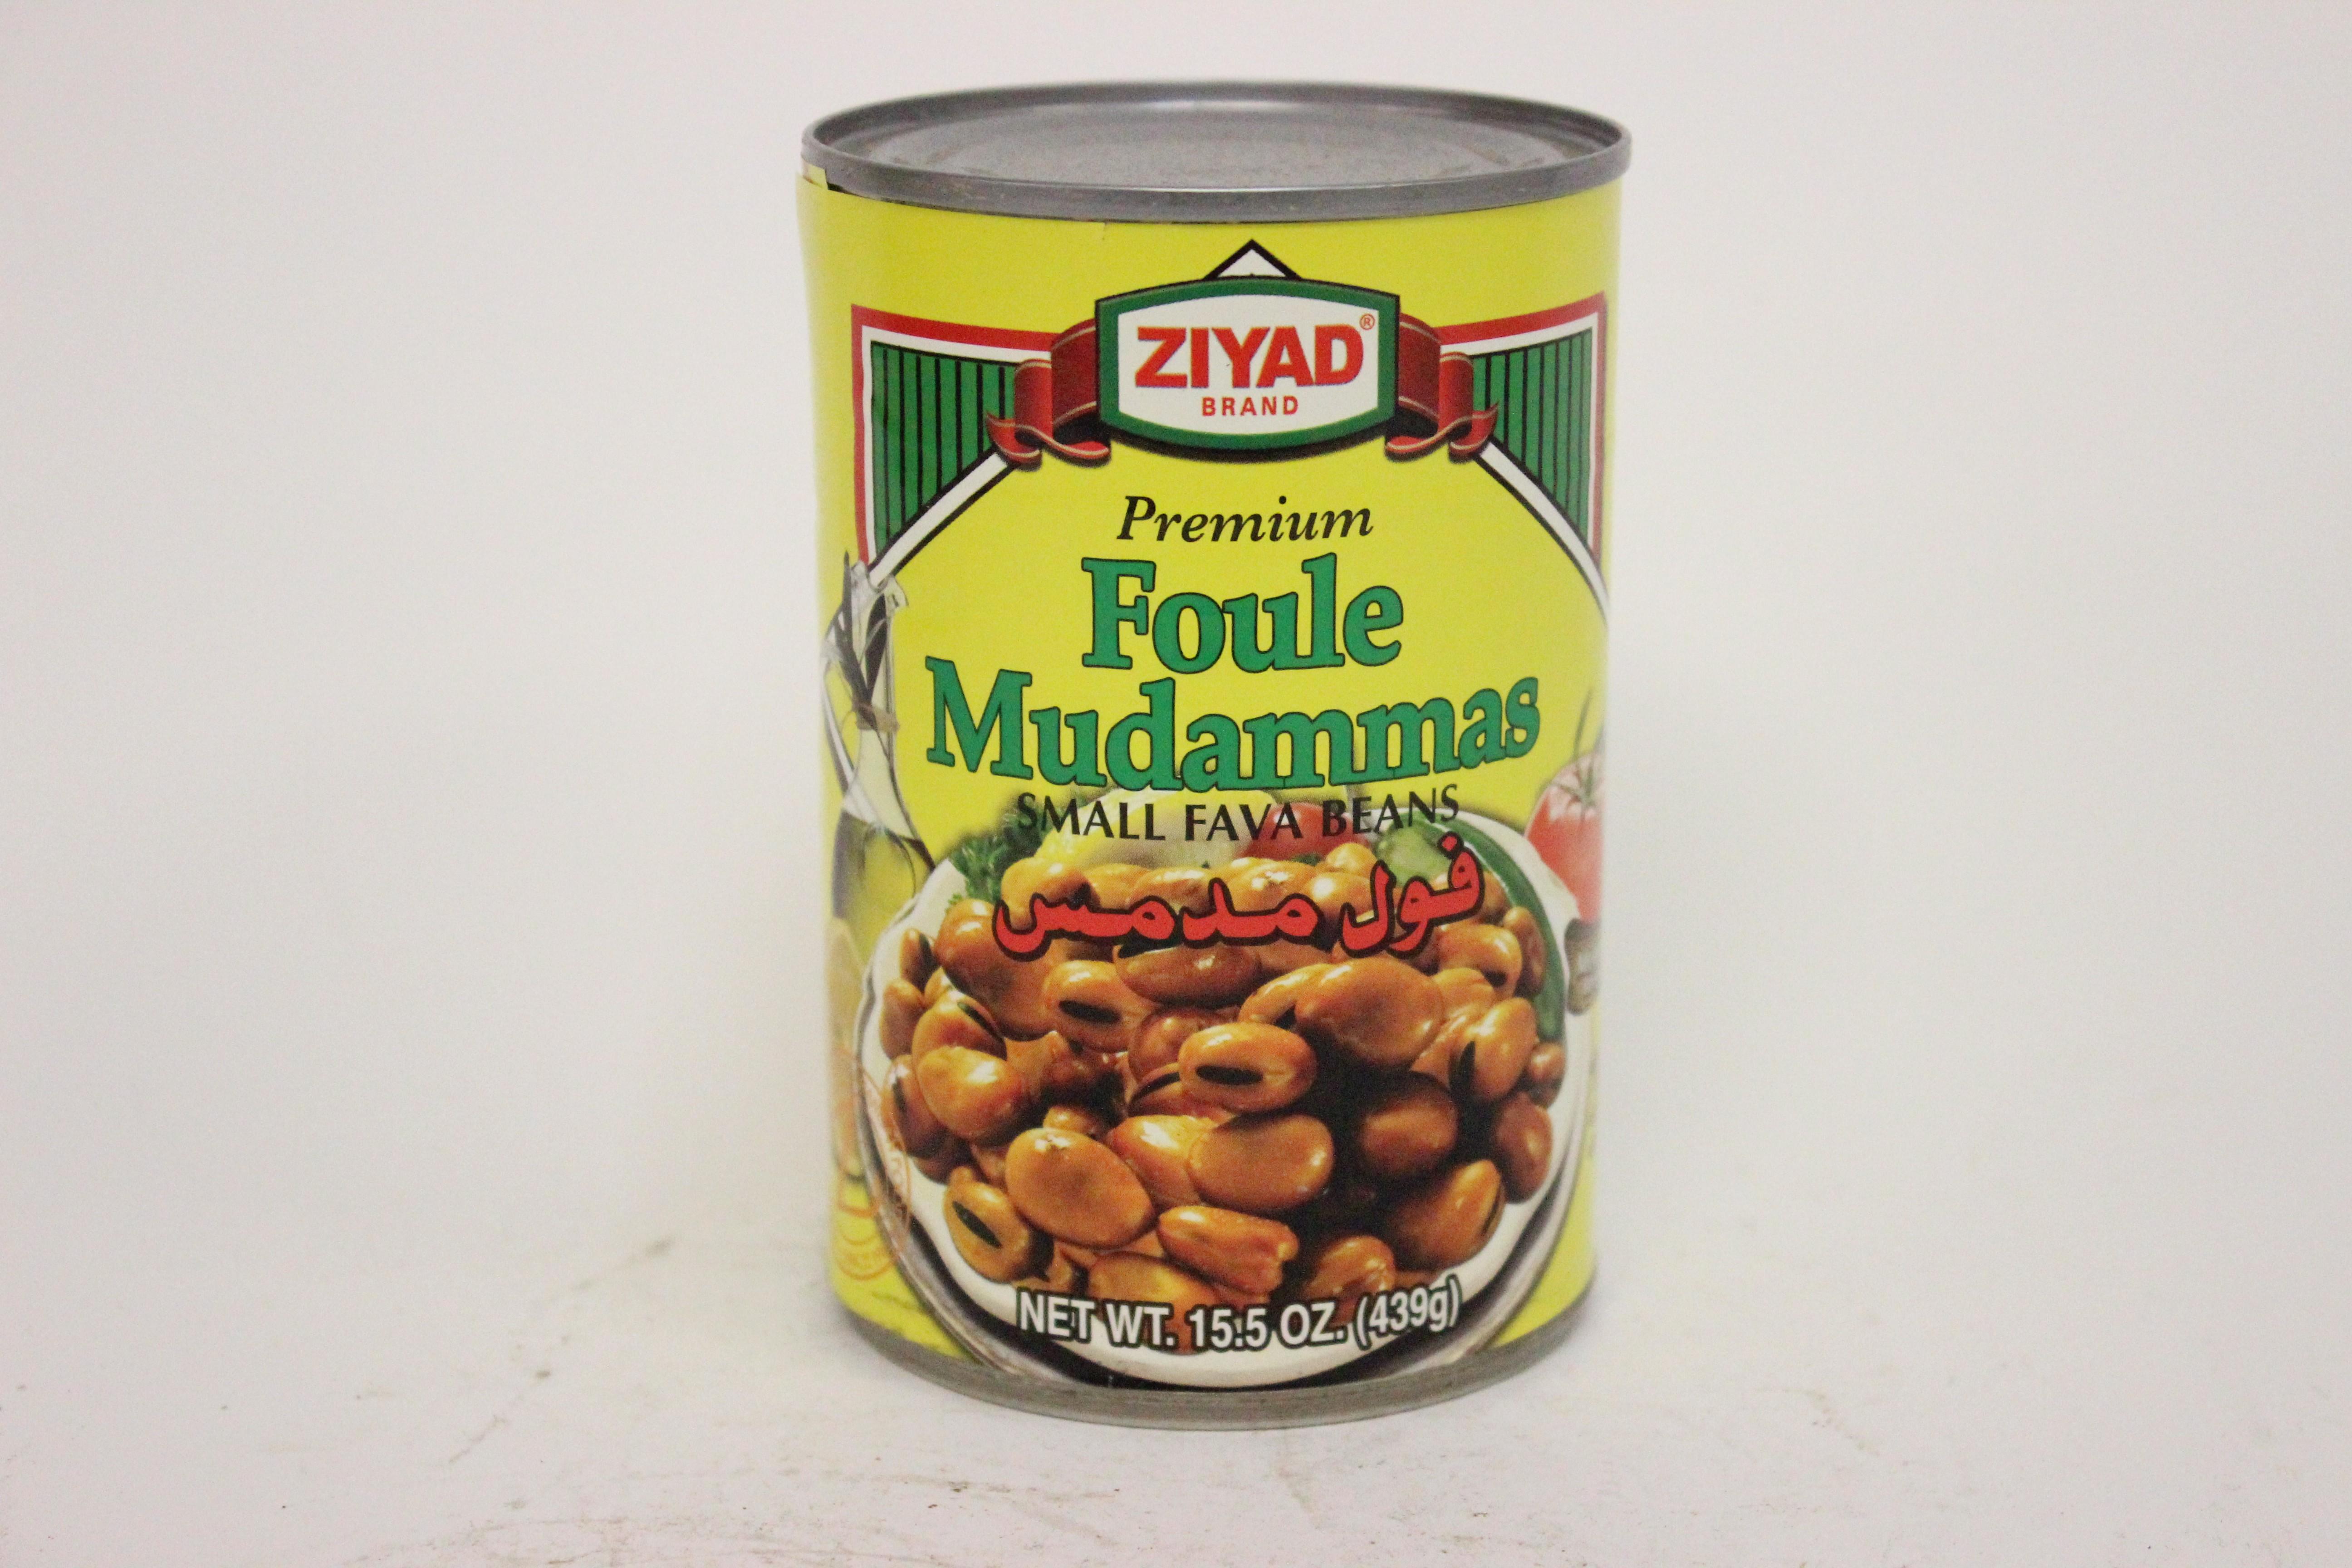 Ziyad Foule Mudammas 15.5 oz